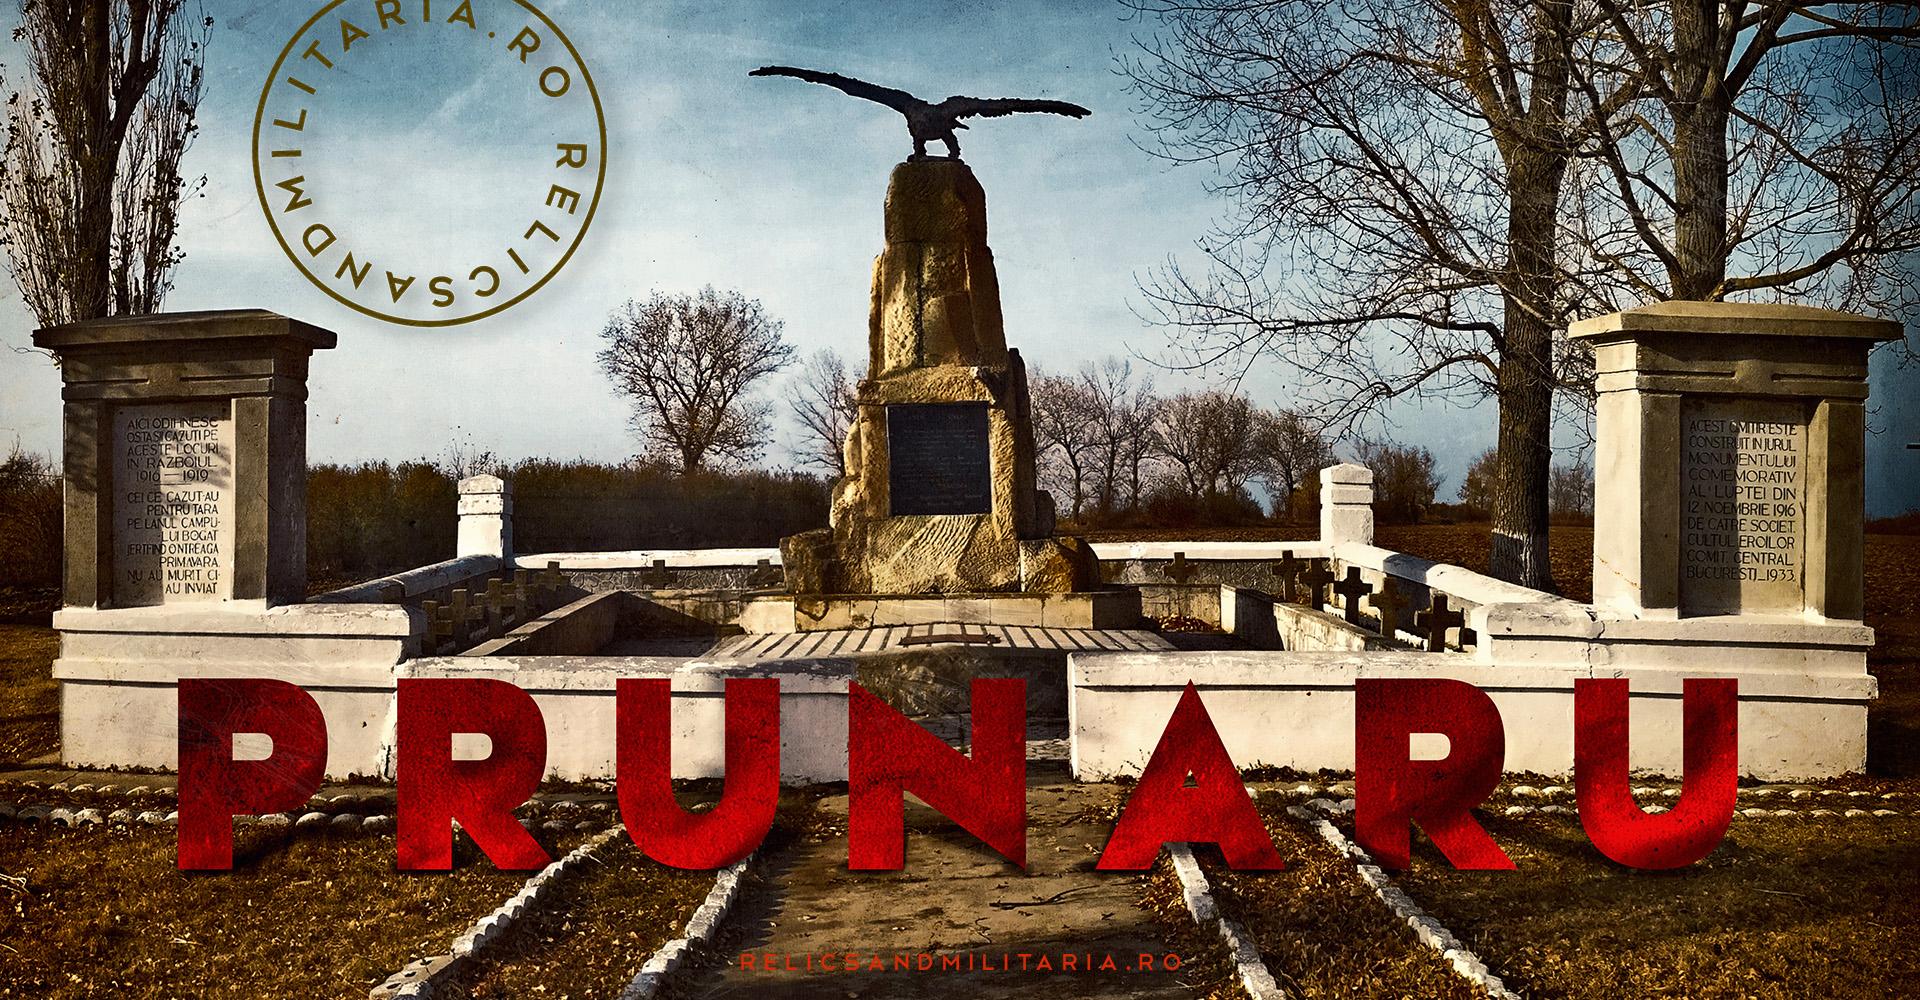 Sarja de la Prunaru